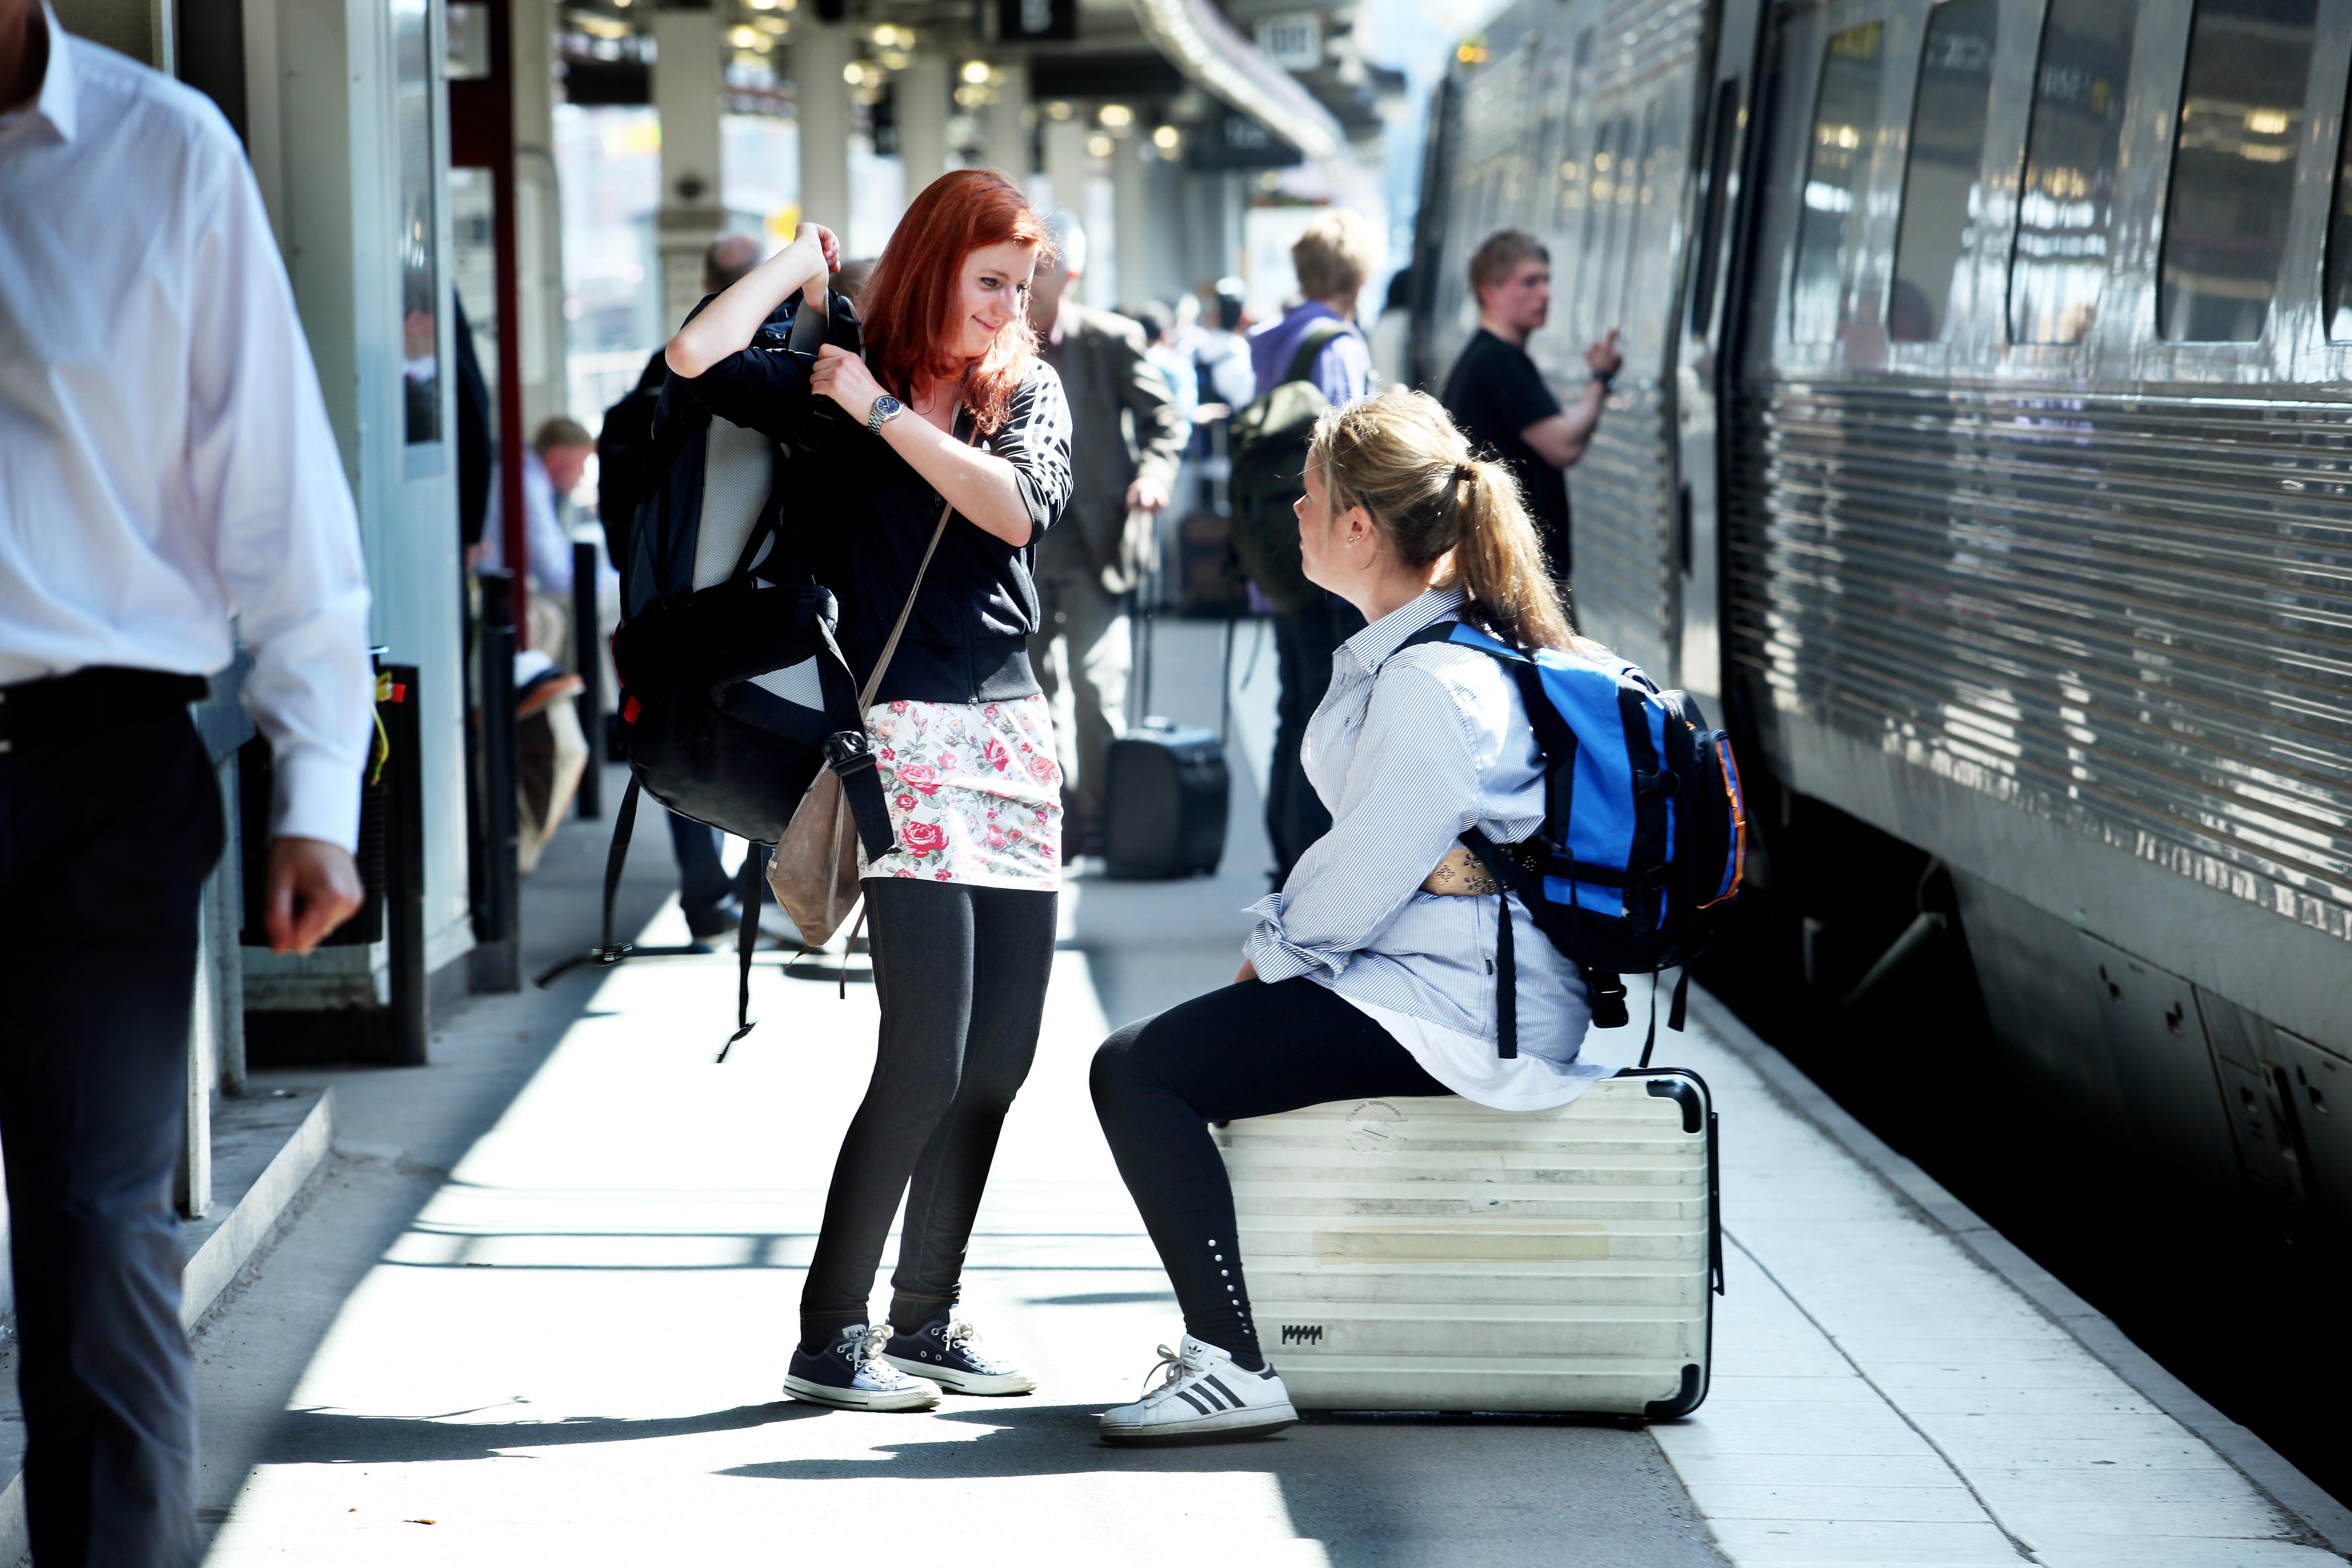 Togrejser belaster miljøet mindre end flyvninger, lyder et budskab fra miljøorganisationen Noah og Spar Nord-banken. Arkivpressefoto fra de svenske statsbaner, SJ.